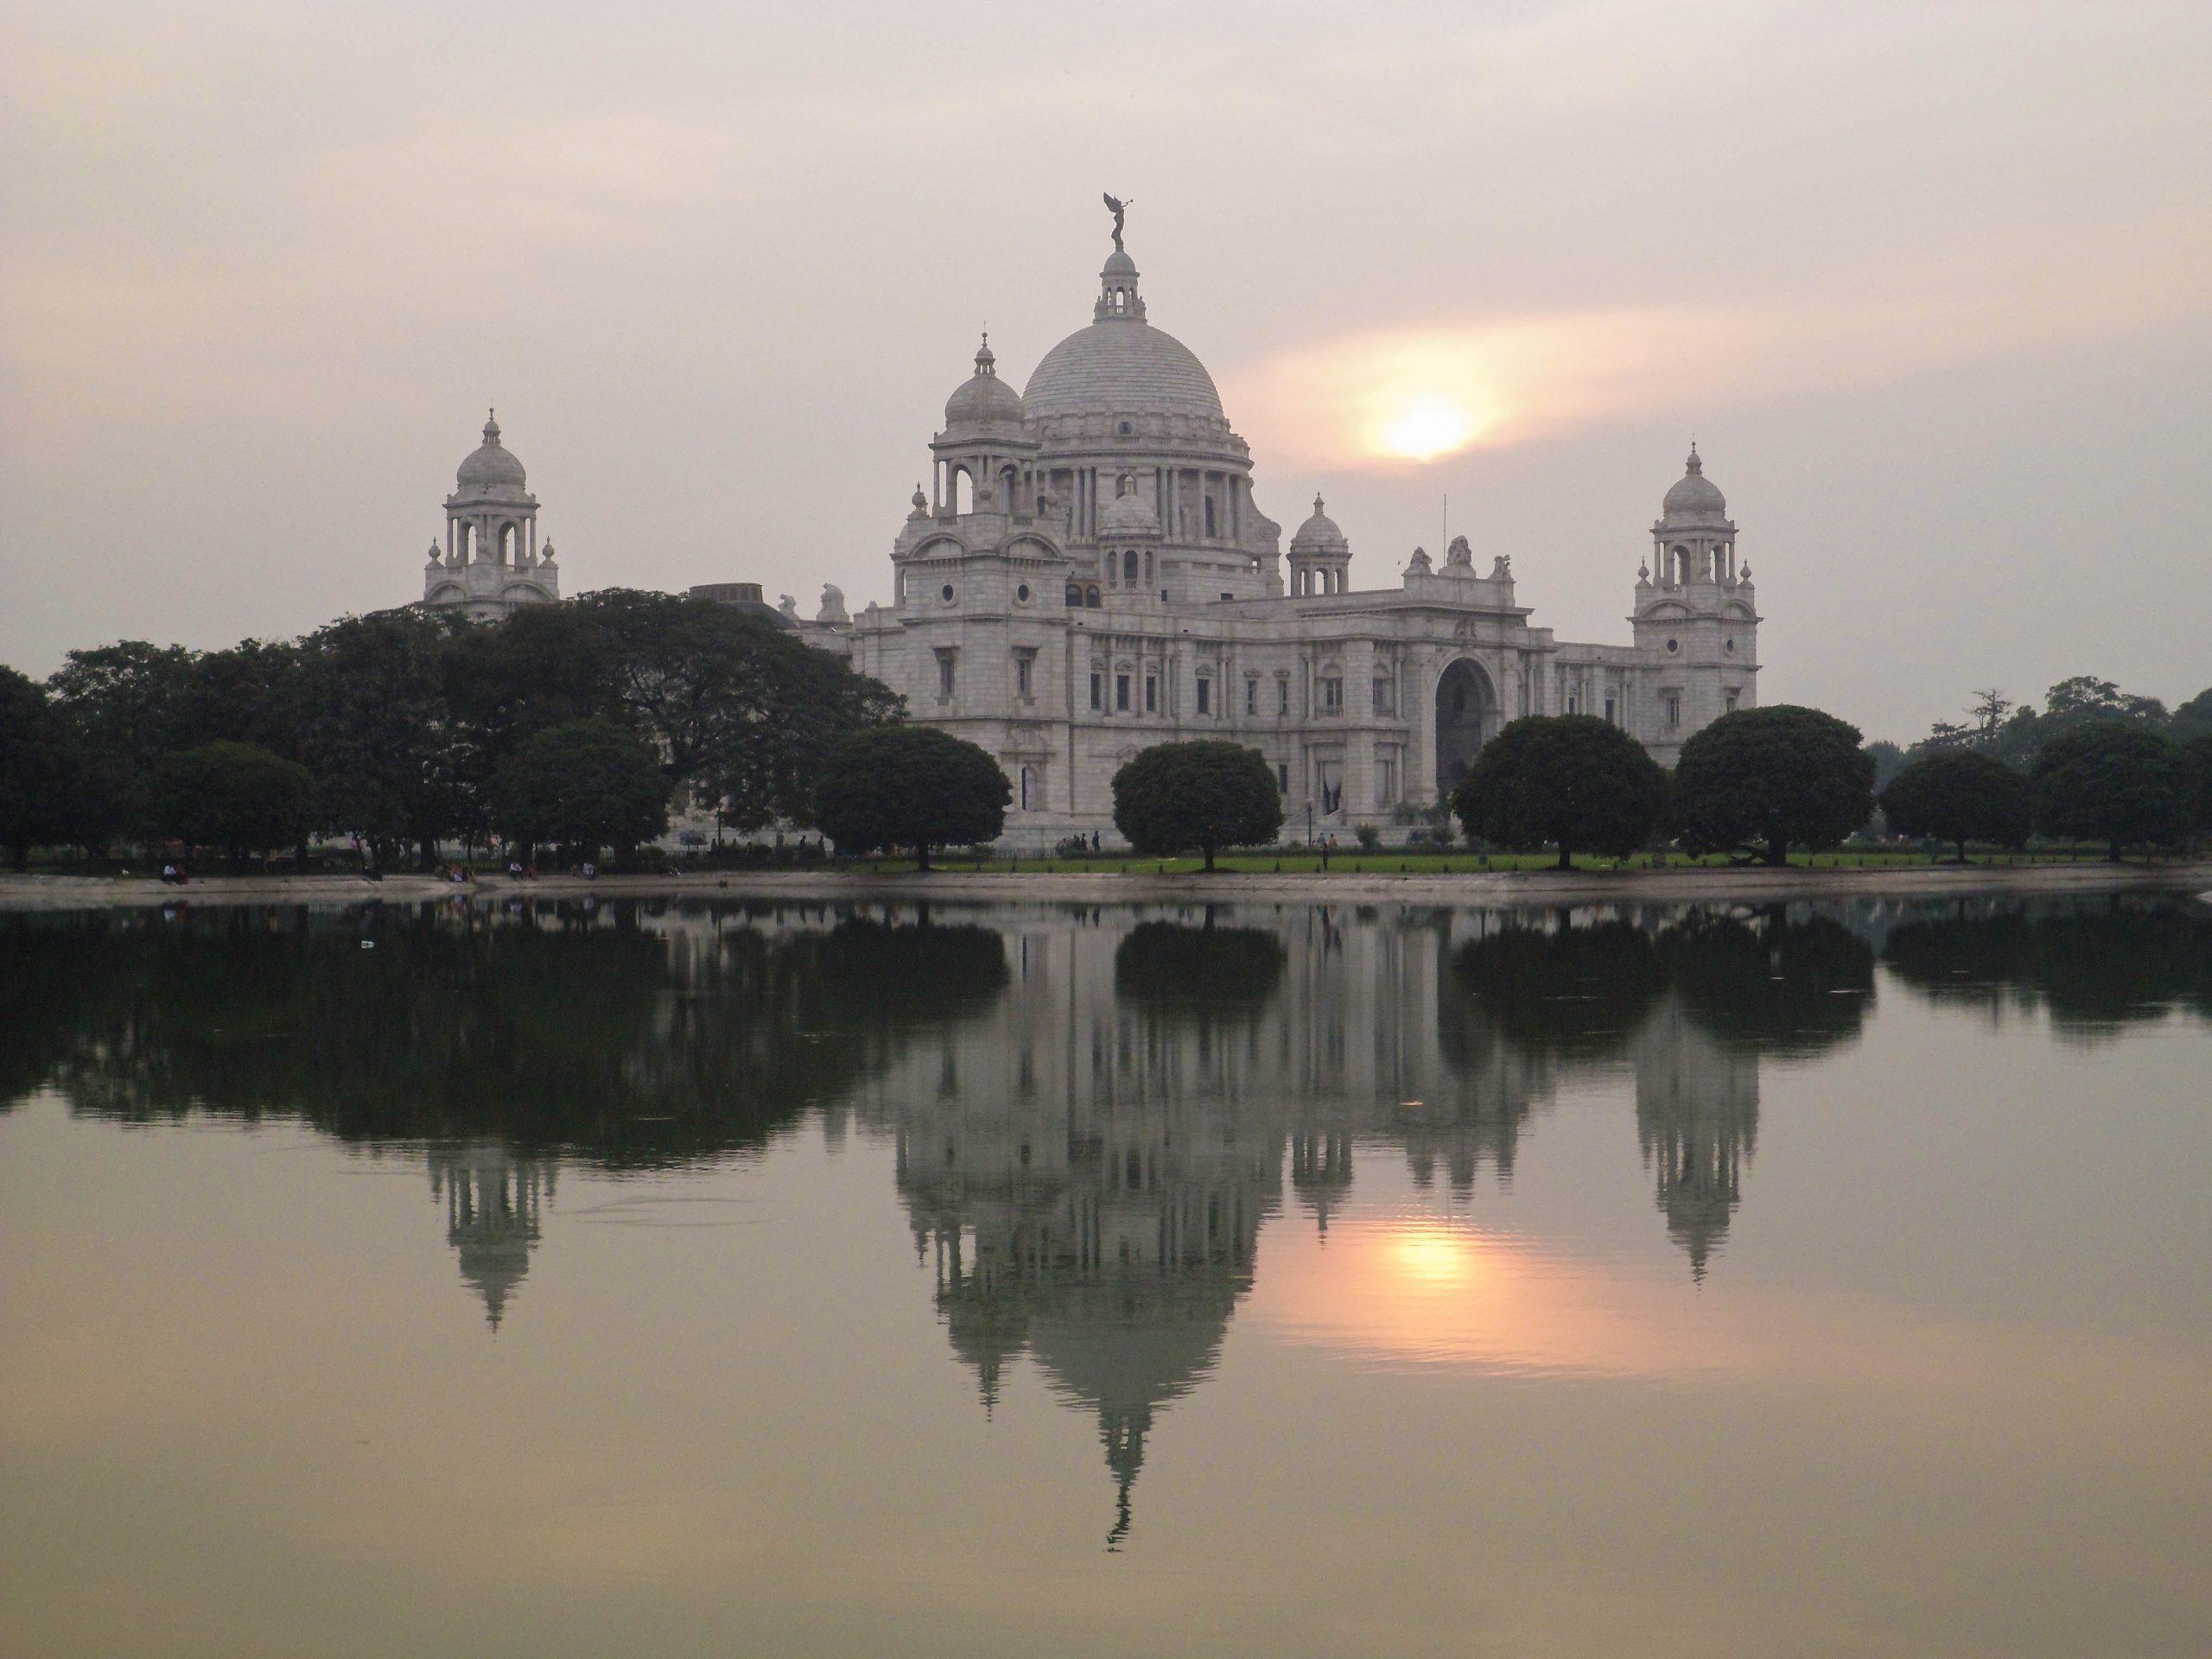 Victoria Memorial building in Kolkata